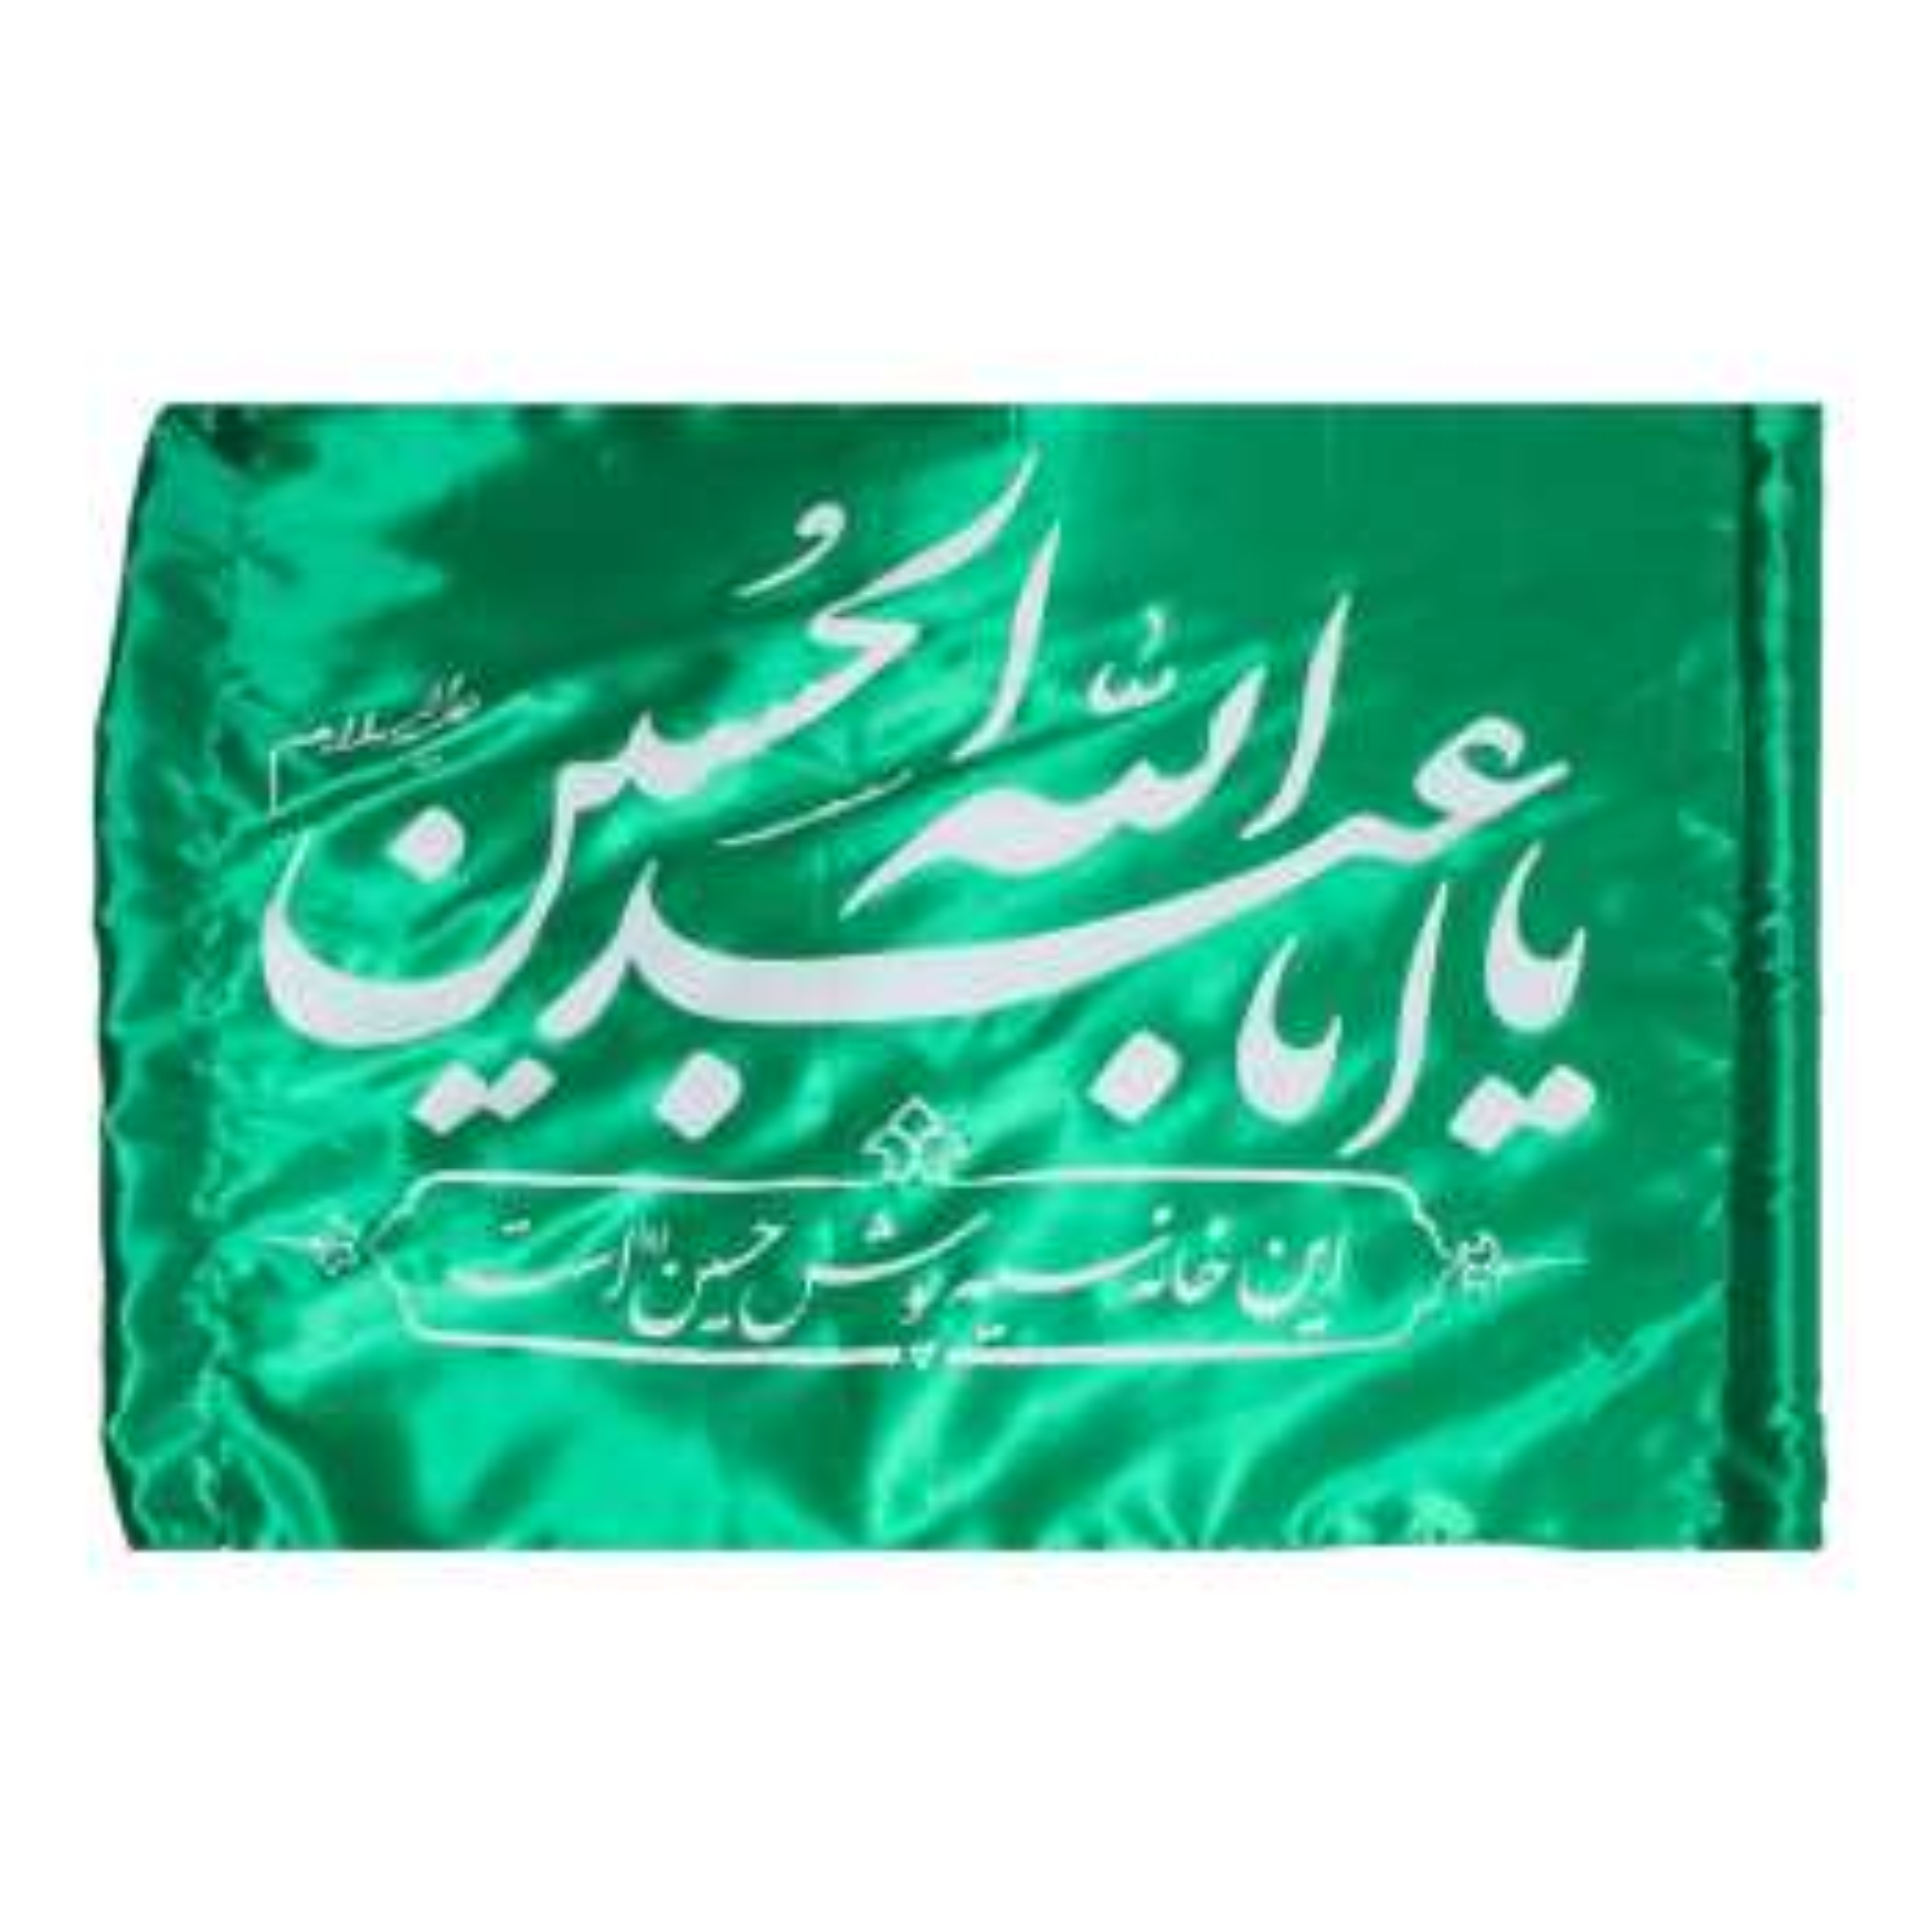 پرچم طرح محرم یا اباعبدالله حسین علیه السلام کد 4000962